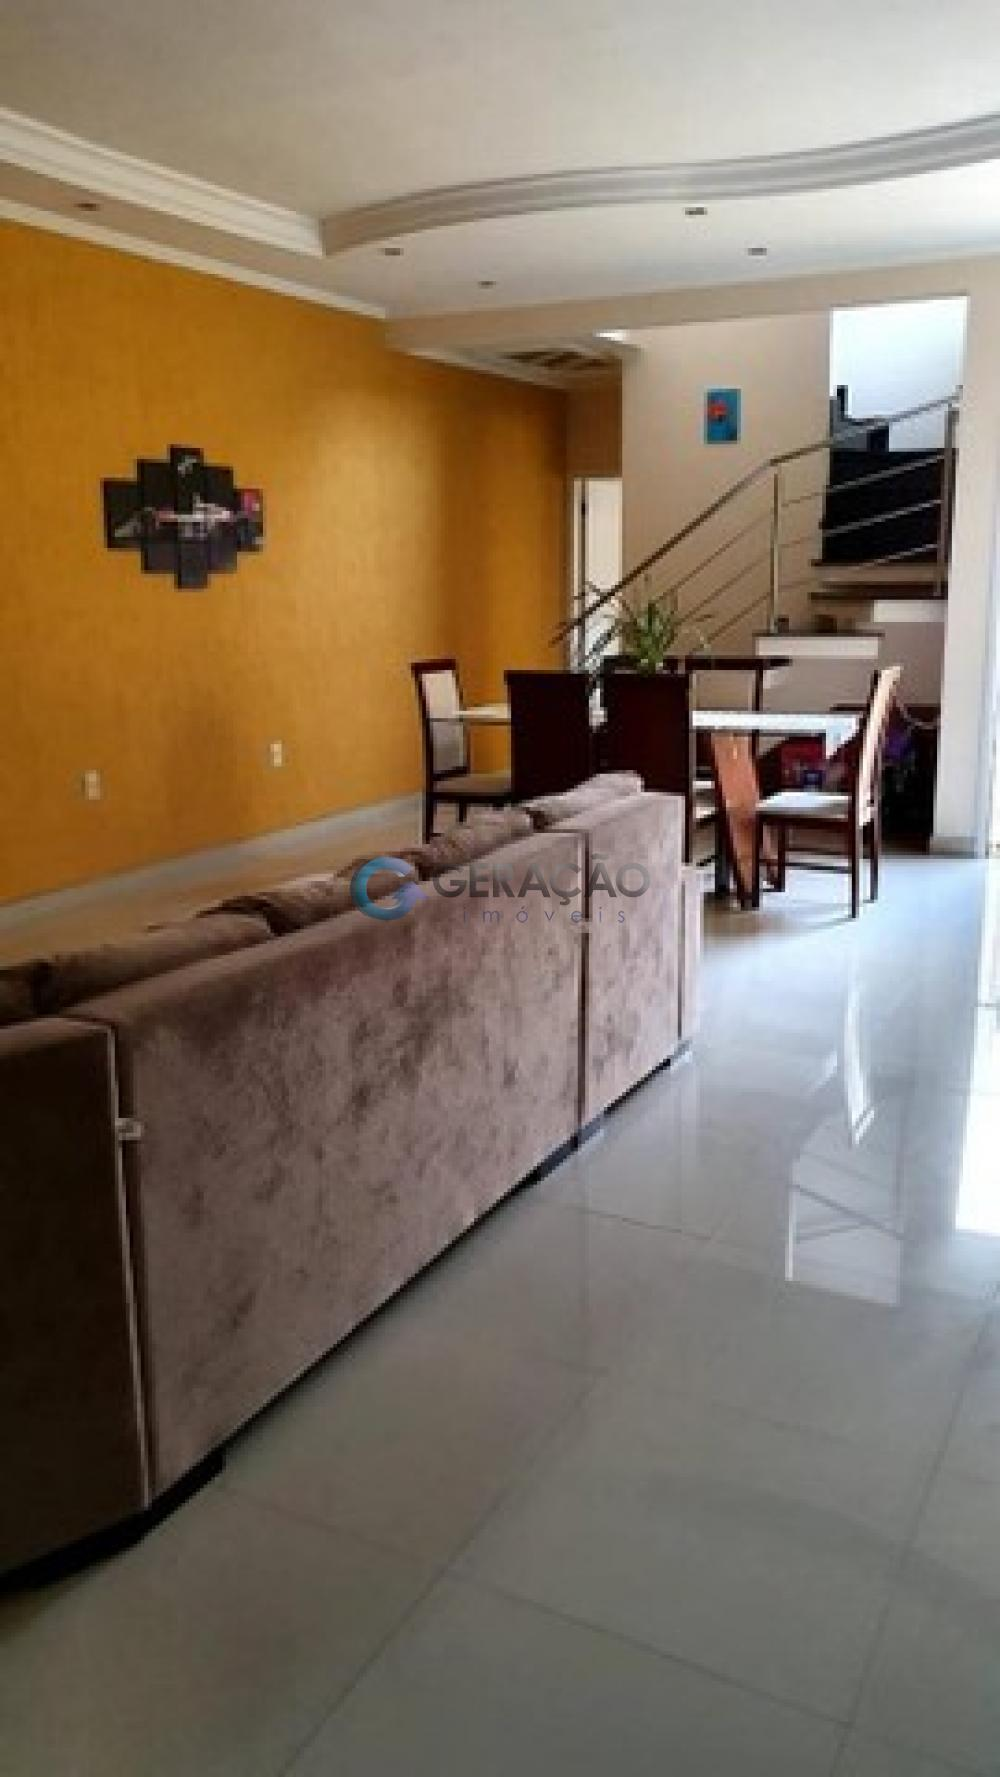 Comprar Casa / Padrão em São José dos Campos R$ 533.000,00 - Foto 3